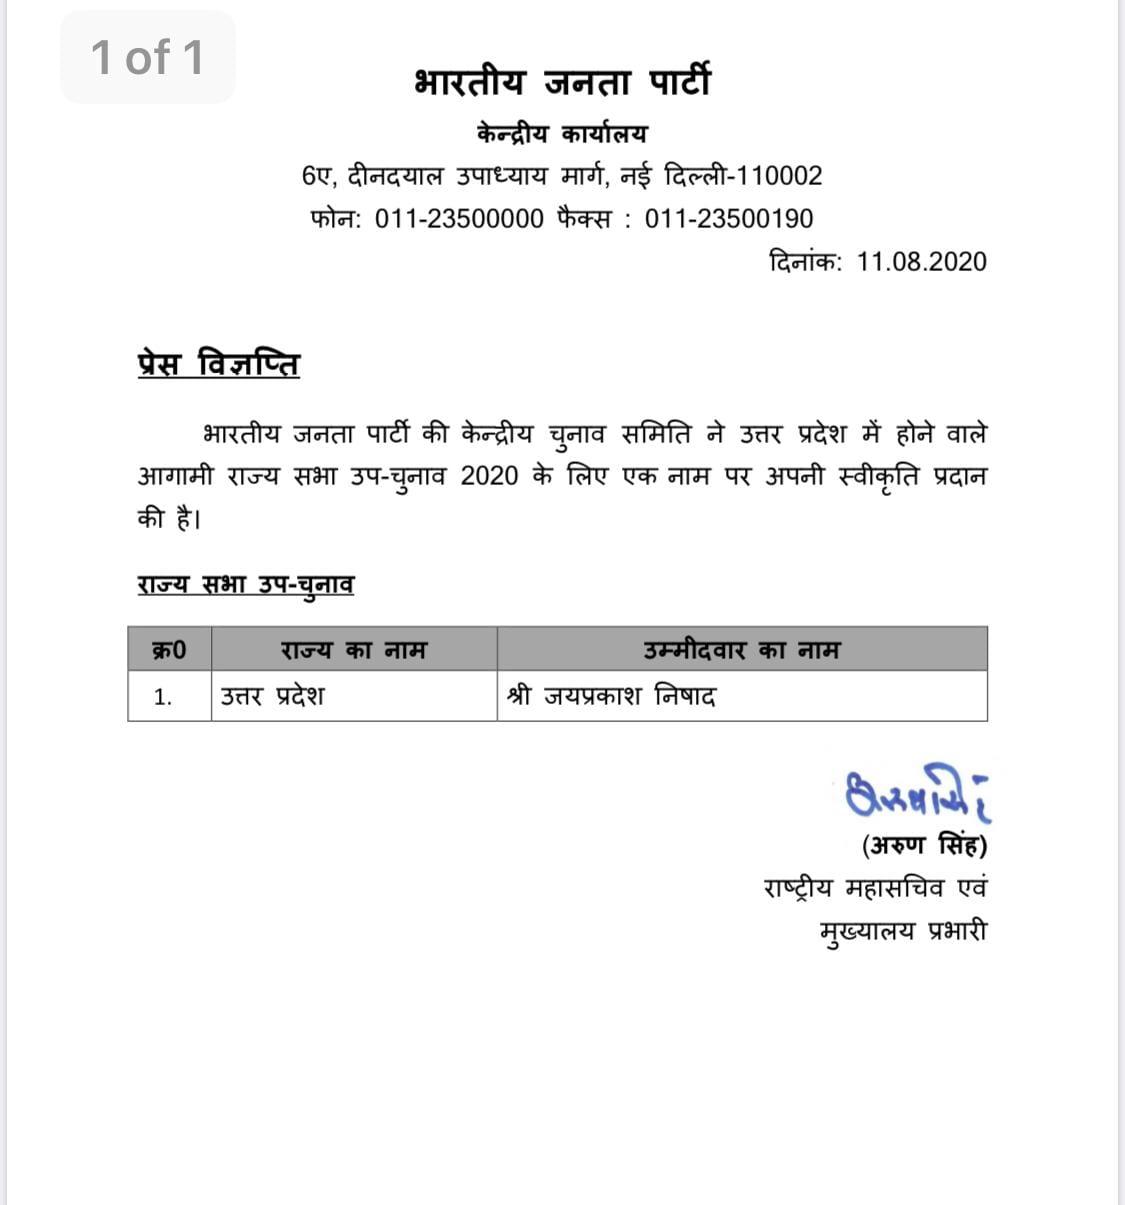 बीजेपी ने जारी किया राज्यसभा चुनाव में प्रत्याशी का नाम